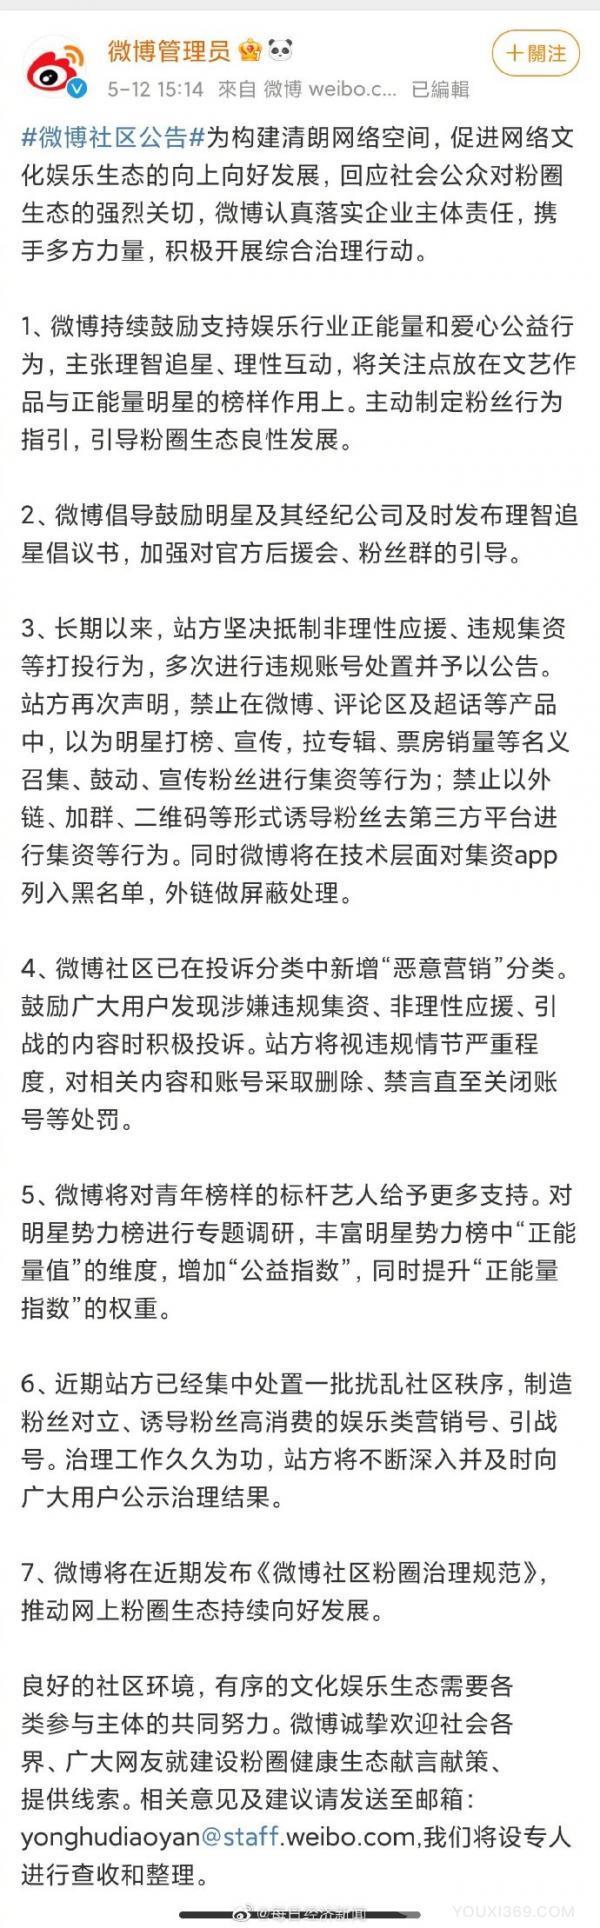 微博禁止在超话等产品中召集粉丝集资介绍